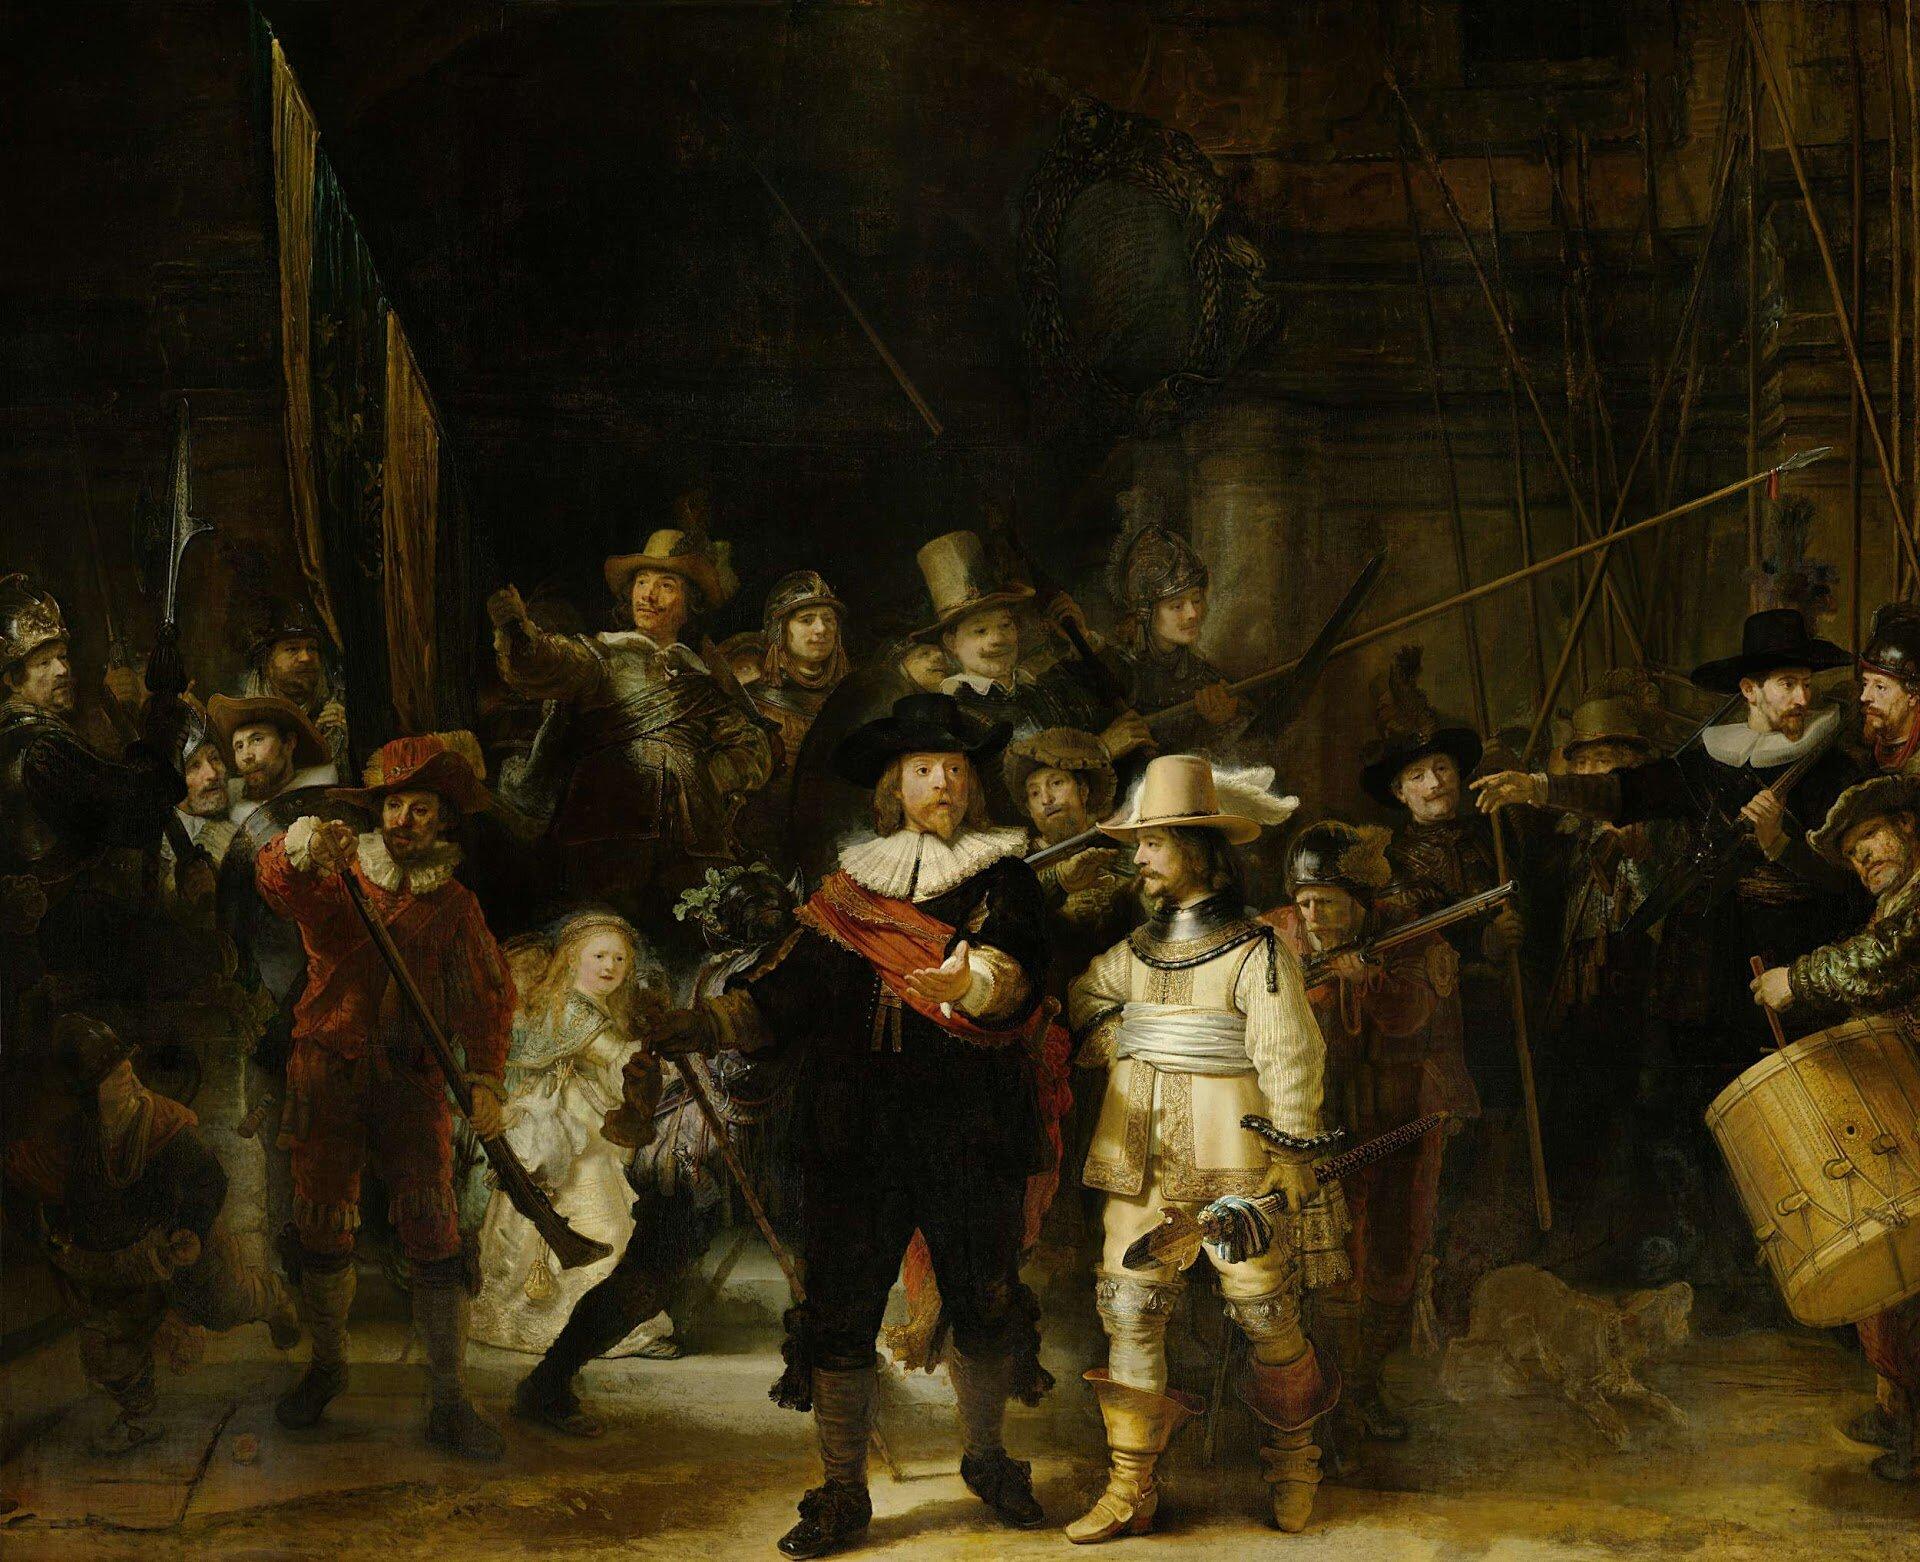 """Ilustracja przedstawia obraz """"Wymarsz strzelców"""" autorstwa Rembrandta van Rijna. Dynamiczna, wielopostaciowa kompozycja ukazuje kompanię straży obywatelskiej zAmsterdamu. Artysta za pomocą światła po kolei opisuje postacie, wydobywając je zmroku obrazu. Na pierwszym planie znajduje się najlepiej oświetlona para kroczących mężczyzn. Wysoka postać po lewej ubrana jest na czarno to kapitan Frans Baningh Cocqa. Na głowie ma czarny kapelusz, pod szyją znajduje się biała kryza. Tułów przepasany jest czerwoną, szeroką szarfą. Mężczyzna ma brodę iblond, długie włosy. Wyciągnięta do przodu lewa dłoń iwyraz twarzy sugerują, że oczymś opowiada. Obok, po prawej stronie idzie niższy, ciemnowłosy mężczyzna wjasno-beżowym stroju. Kaftan ma przepasany wpasie białą szarfą, na głowie duży jasny kapelusz zbiałym piórem ana nogach żółte buty zwysokimi cholewkami. Postać wlewej ręce trzyma halabardę. Na dalszym planie wlekkim mroku ukazani są mężczyźni wdynamicznych pozach zróżnego rodzaju bronią wręku. Większość znich ubrana jest wtypowe dla epoki baroku stroje: krótkie, zapinane kaftany, bufiaste spodnie za kolana, kapelusze ikryzy pod szyją. Pośród nich znajduje się kilku żołnierzy whełmach. Dla podkreślenia dynamizmu sceny artysta namalował również dodatkowe postacie: kobietę, dzieci, karła, psa. Najbardziej widoczną znich jest jasno oświetlona dziewczynka wbiałej sukni, przypominająca zmarłą żonę malarza, Saskię. Dzieło utrzymane jest wwąskiej, ciemnej tonacji zdominacją ciepłych beży iugrów. Obraz zamyka się wtypowej dla baroku złotej kompozycji, która ma na celu skupienie uwagi odbiorcy na środku obrazu."""